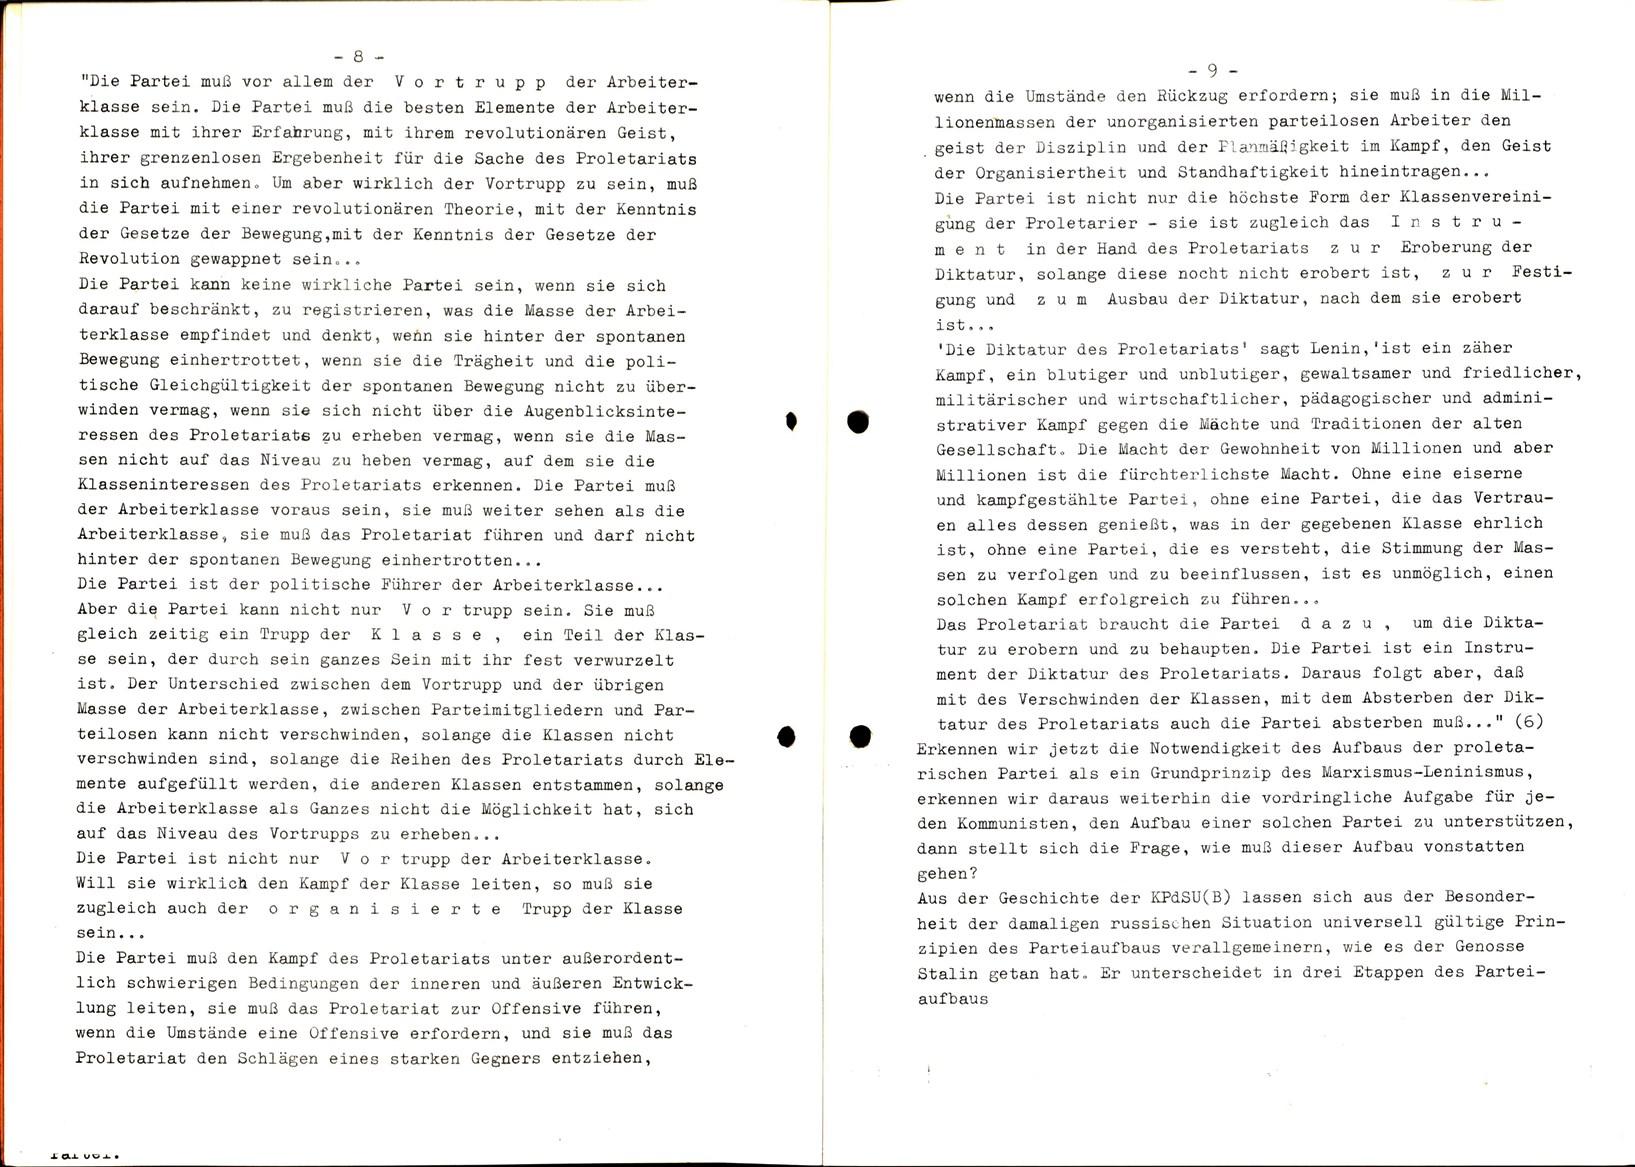 Aachen_KSBML_1971_Selbstkritik_06